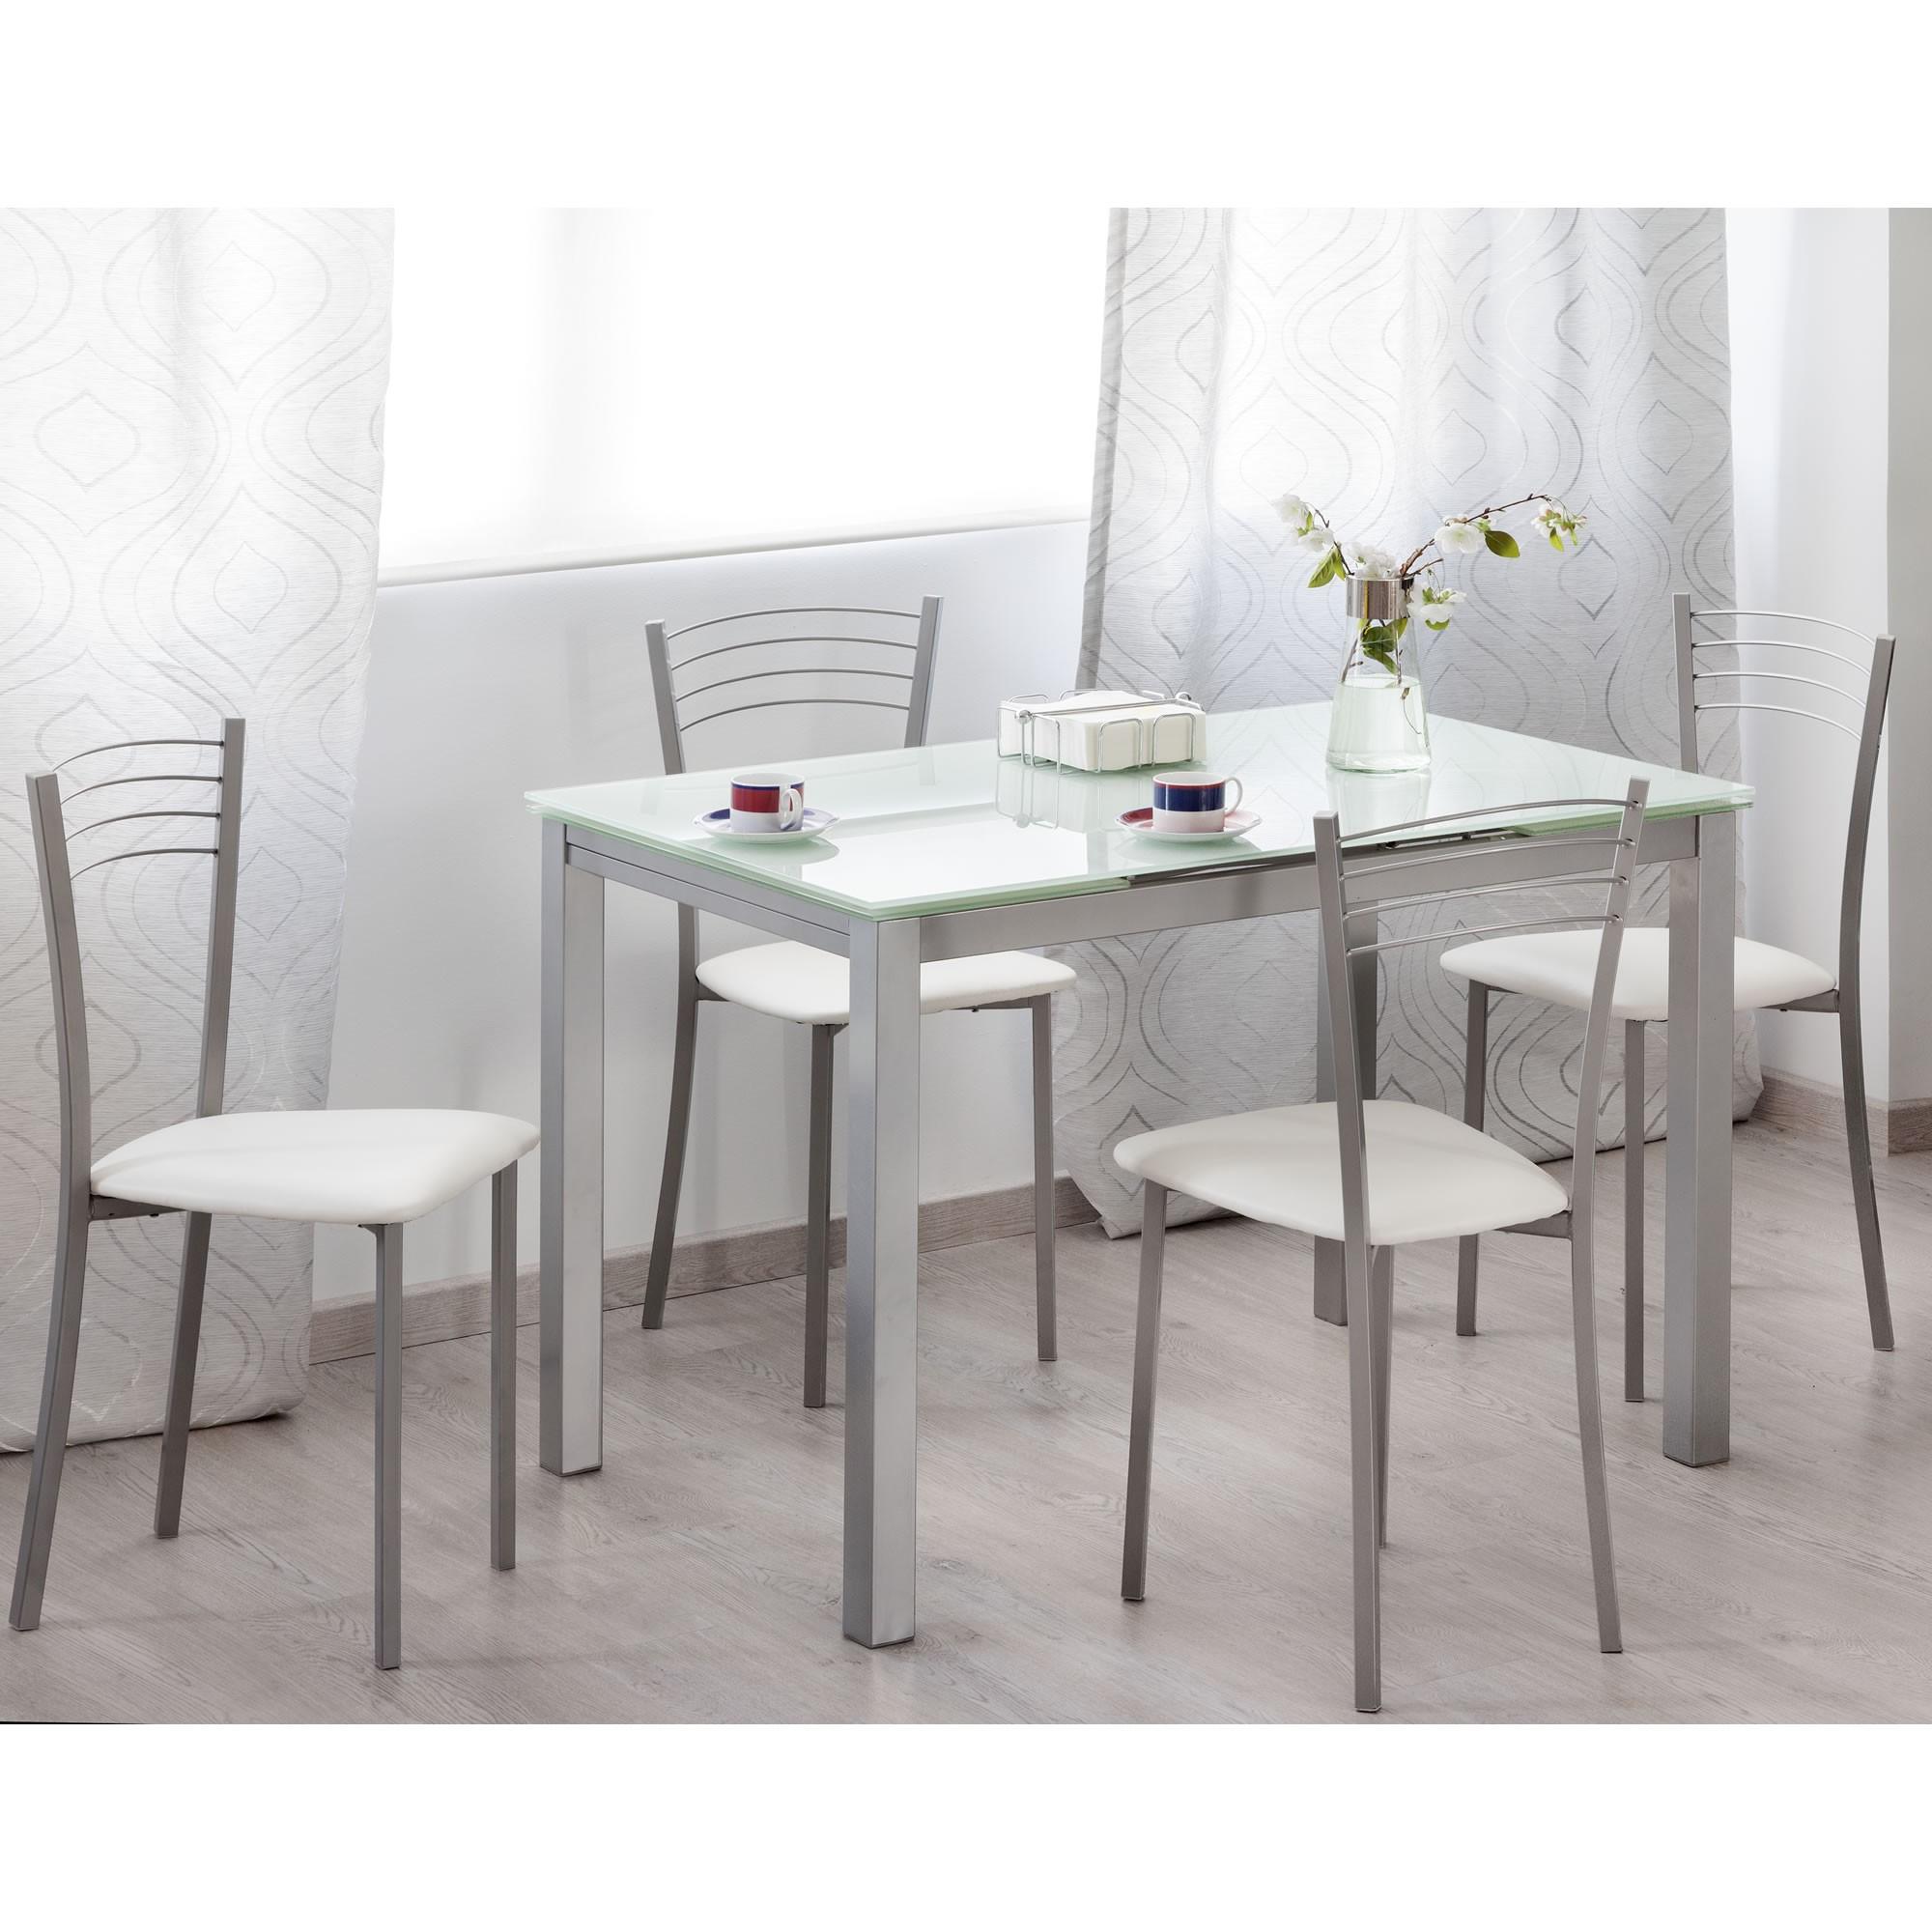 Mesa de cocina extensible metálica y cristal blanco - MERKAHOME.COM